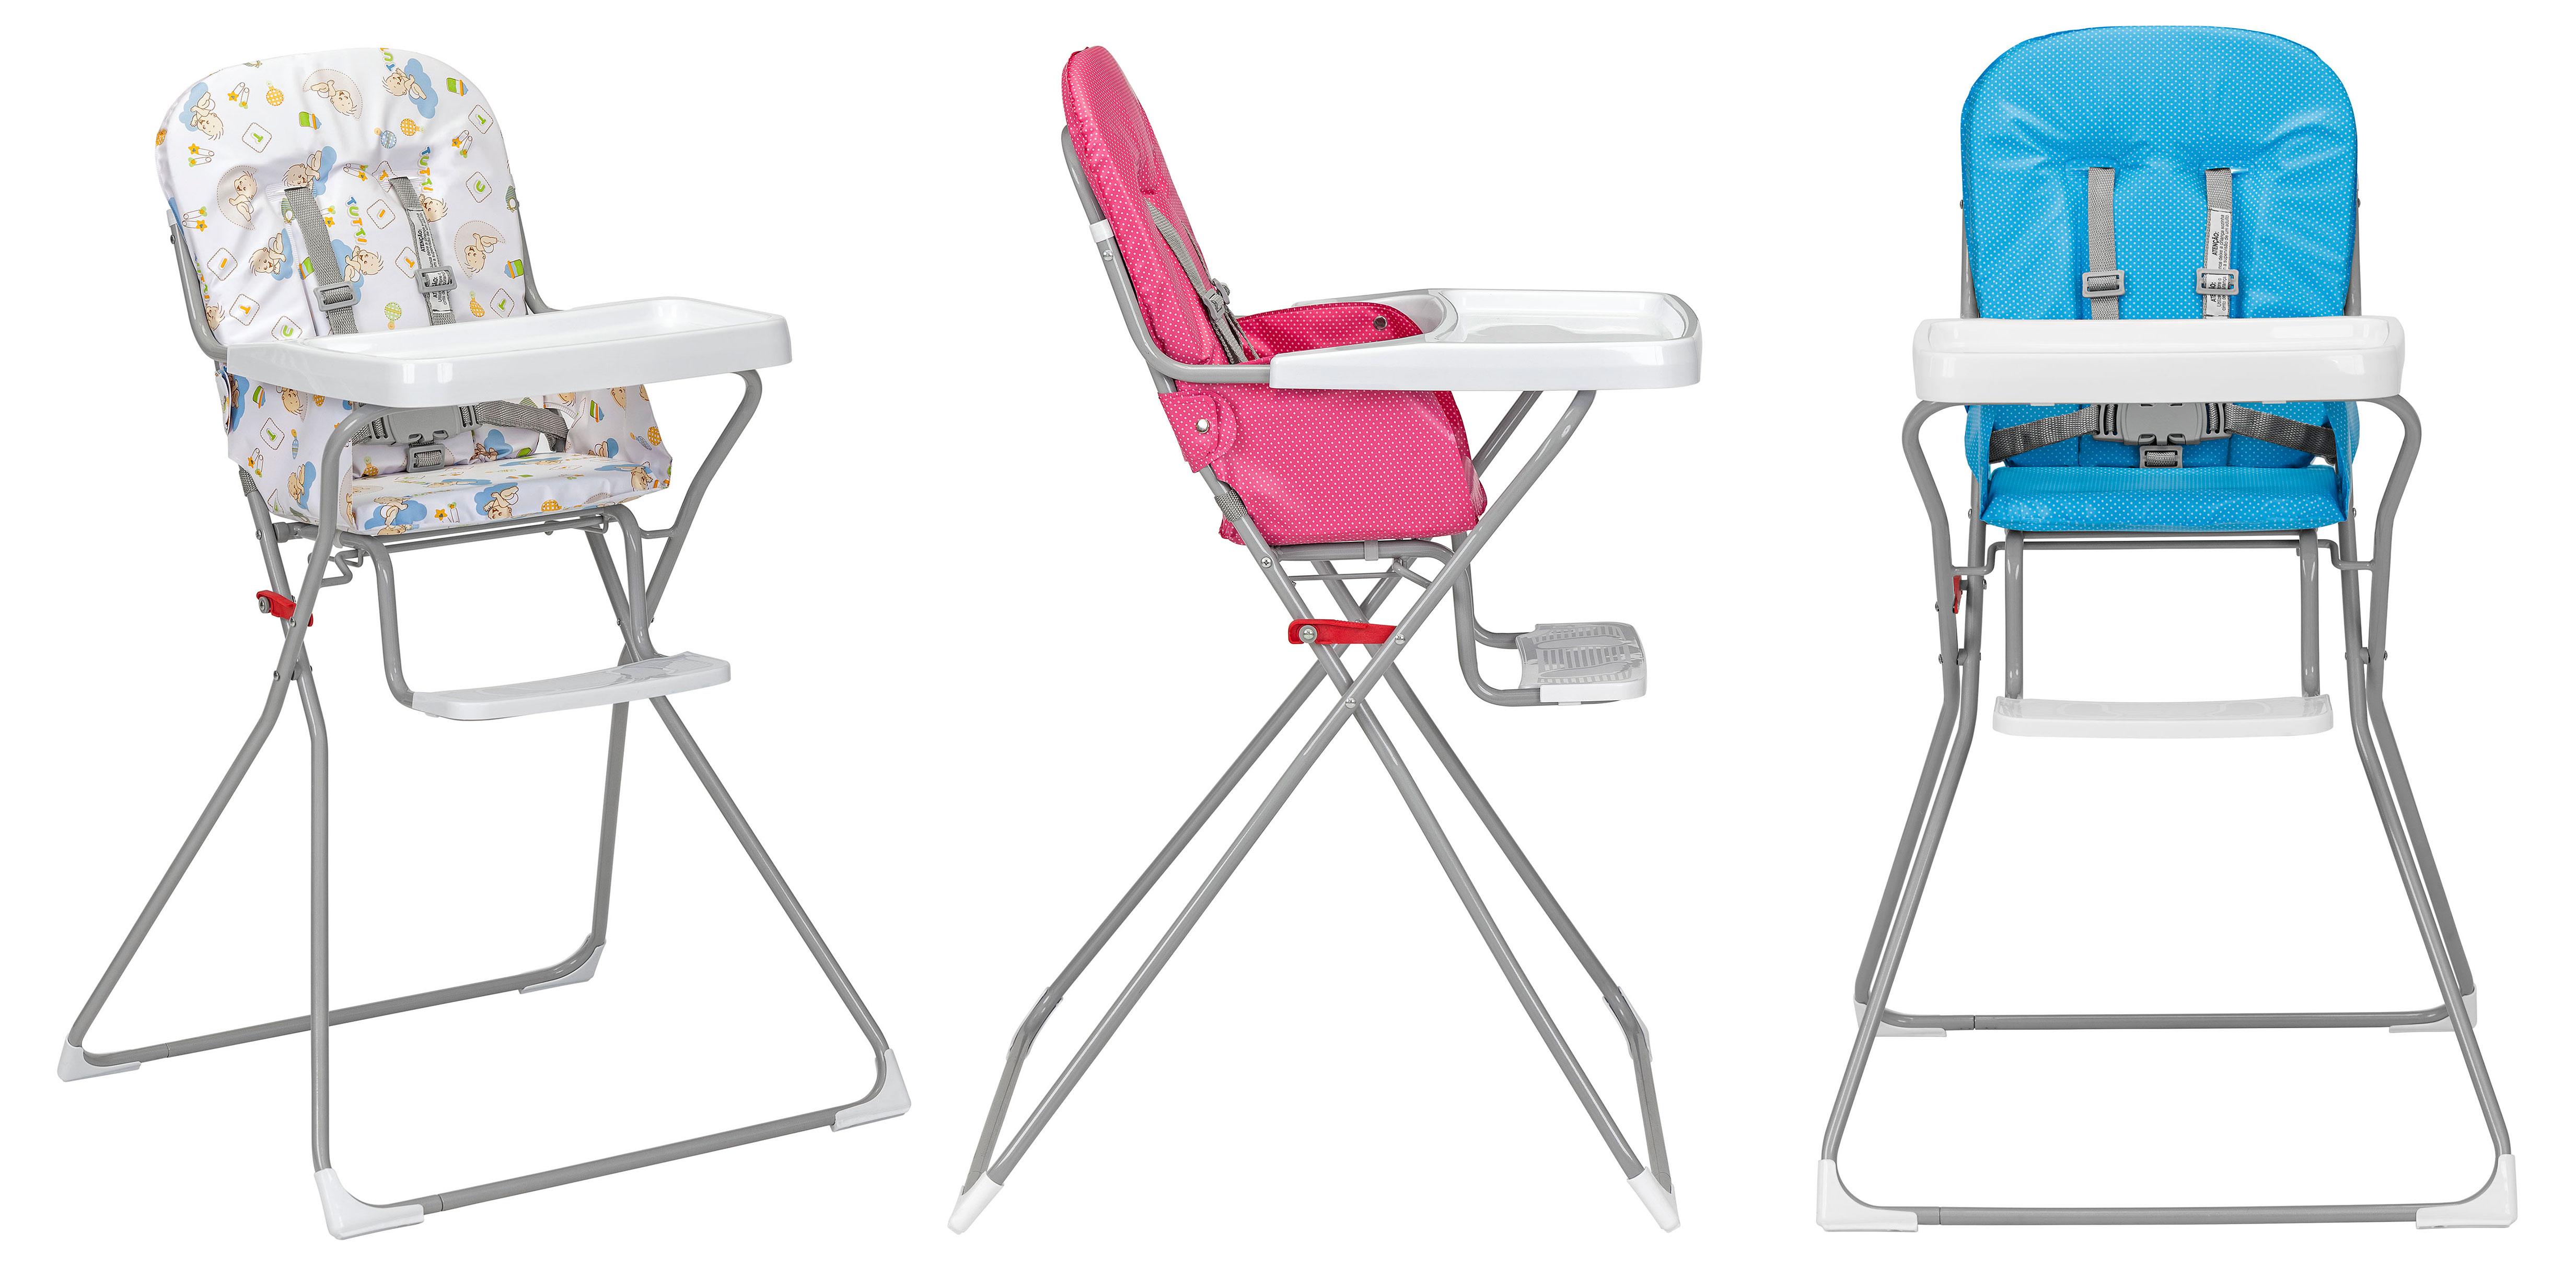 Cadeira de refeição Bambini é novidade no mix da Tutti Baby